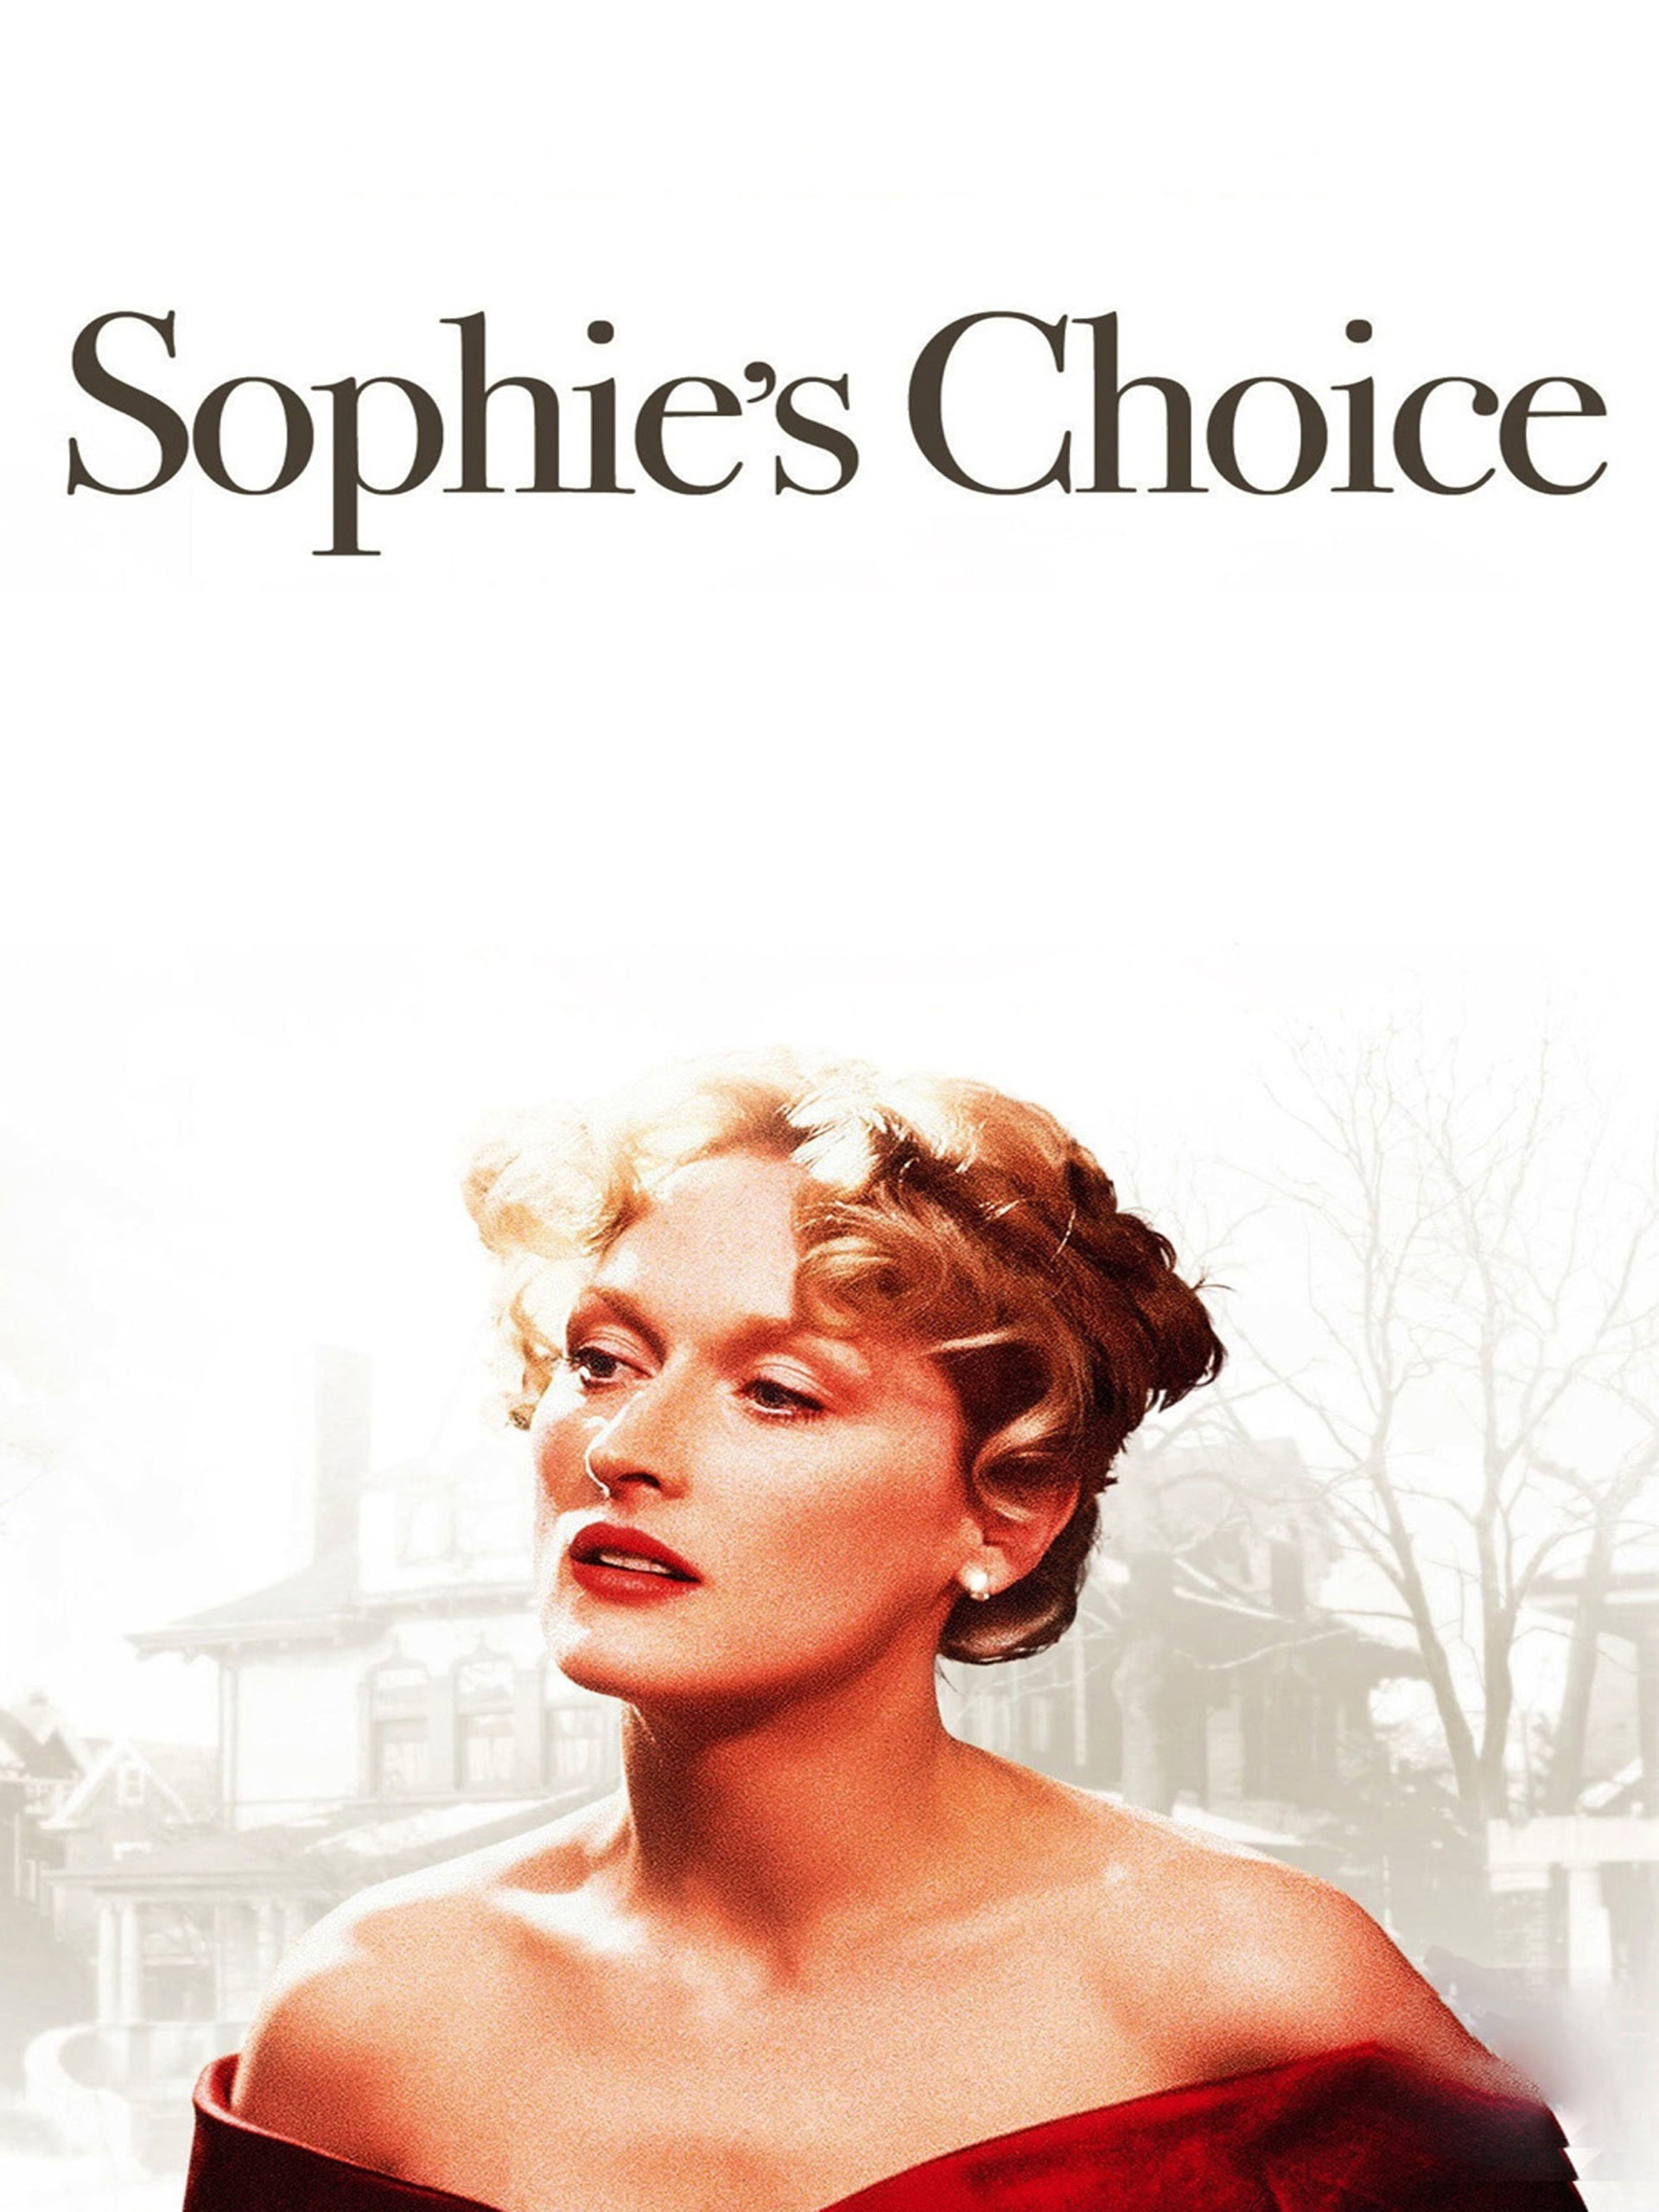 電影中的狄金森Emily Dickinson詩-因為我不能停步等待死亡:蘇菲的選擇Sophie's Choice,愛與罪Crimes and Misdemeanors,在我消失之前Before I Disappear @東南亞投資報告